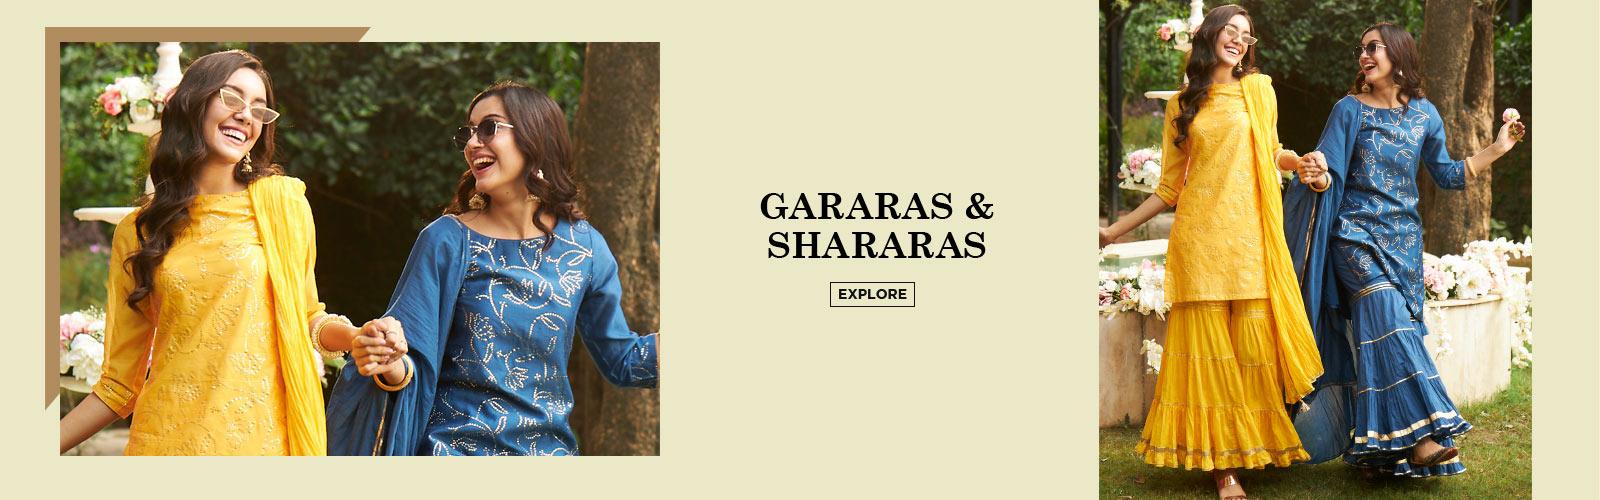 Gararas & Shararas